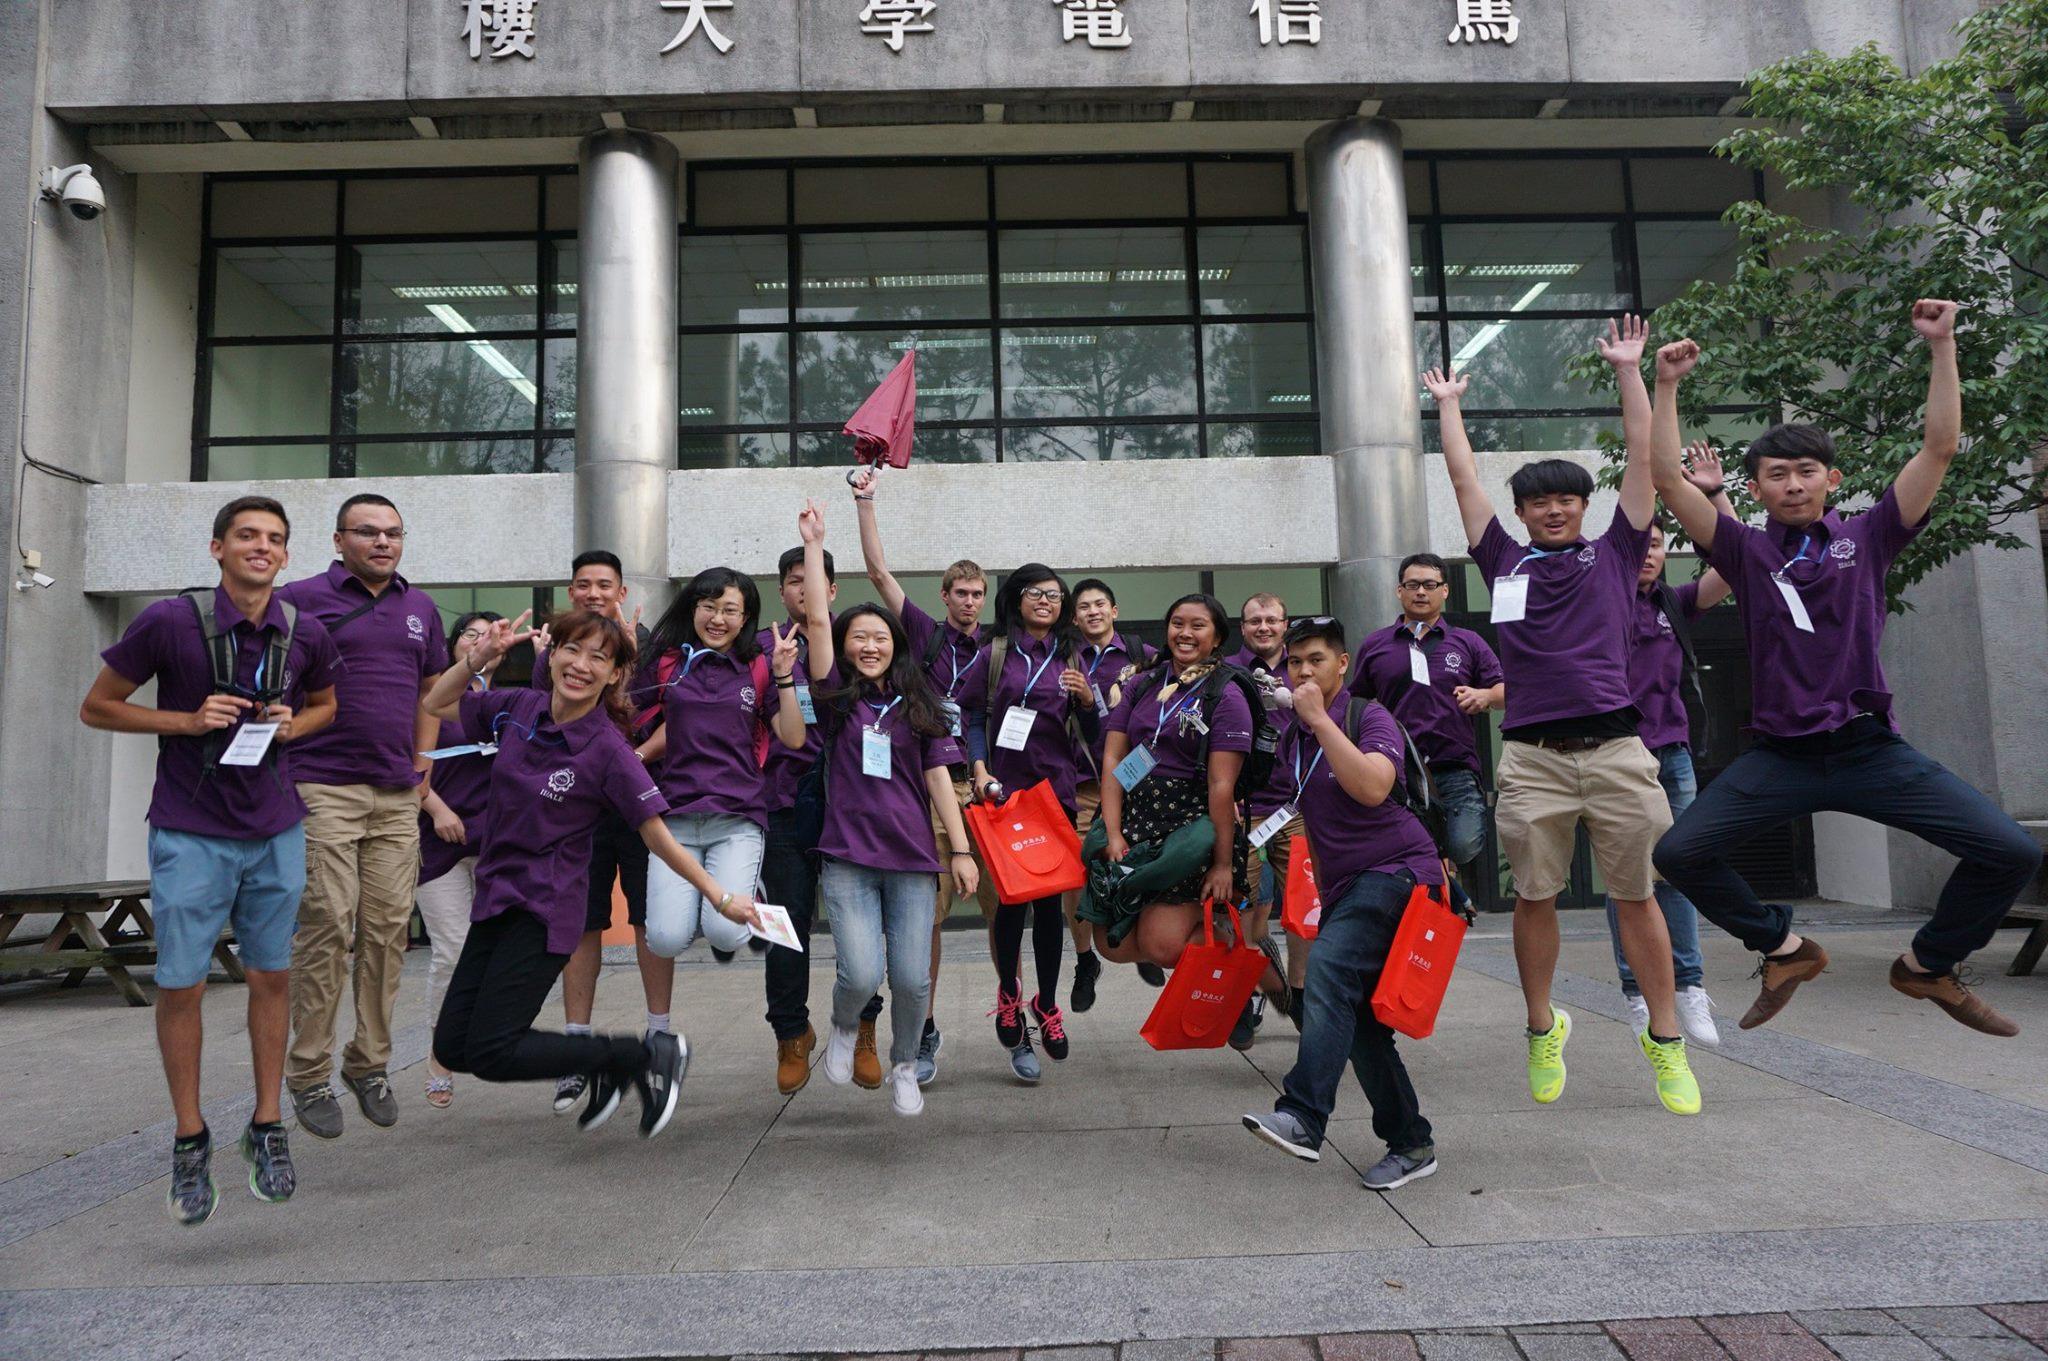 中原大學超越國立大學 再度入選英國泰晤士報全球最佳大學